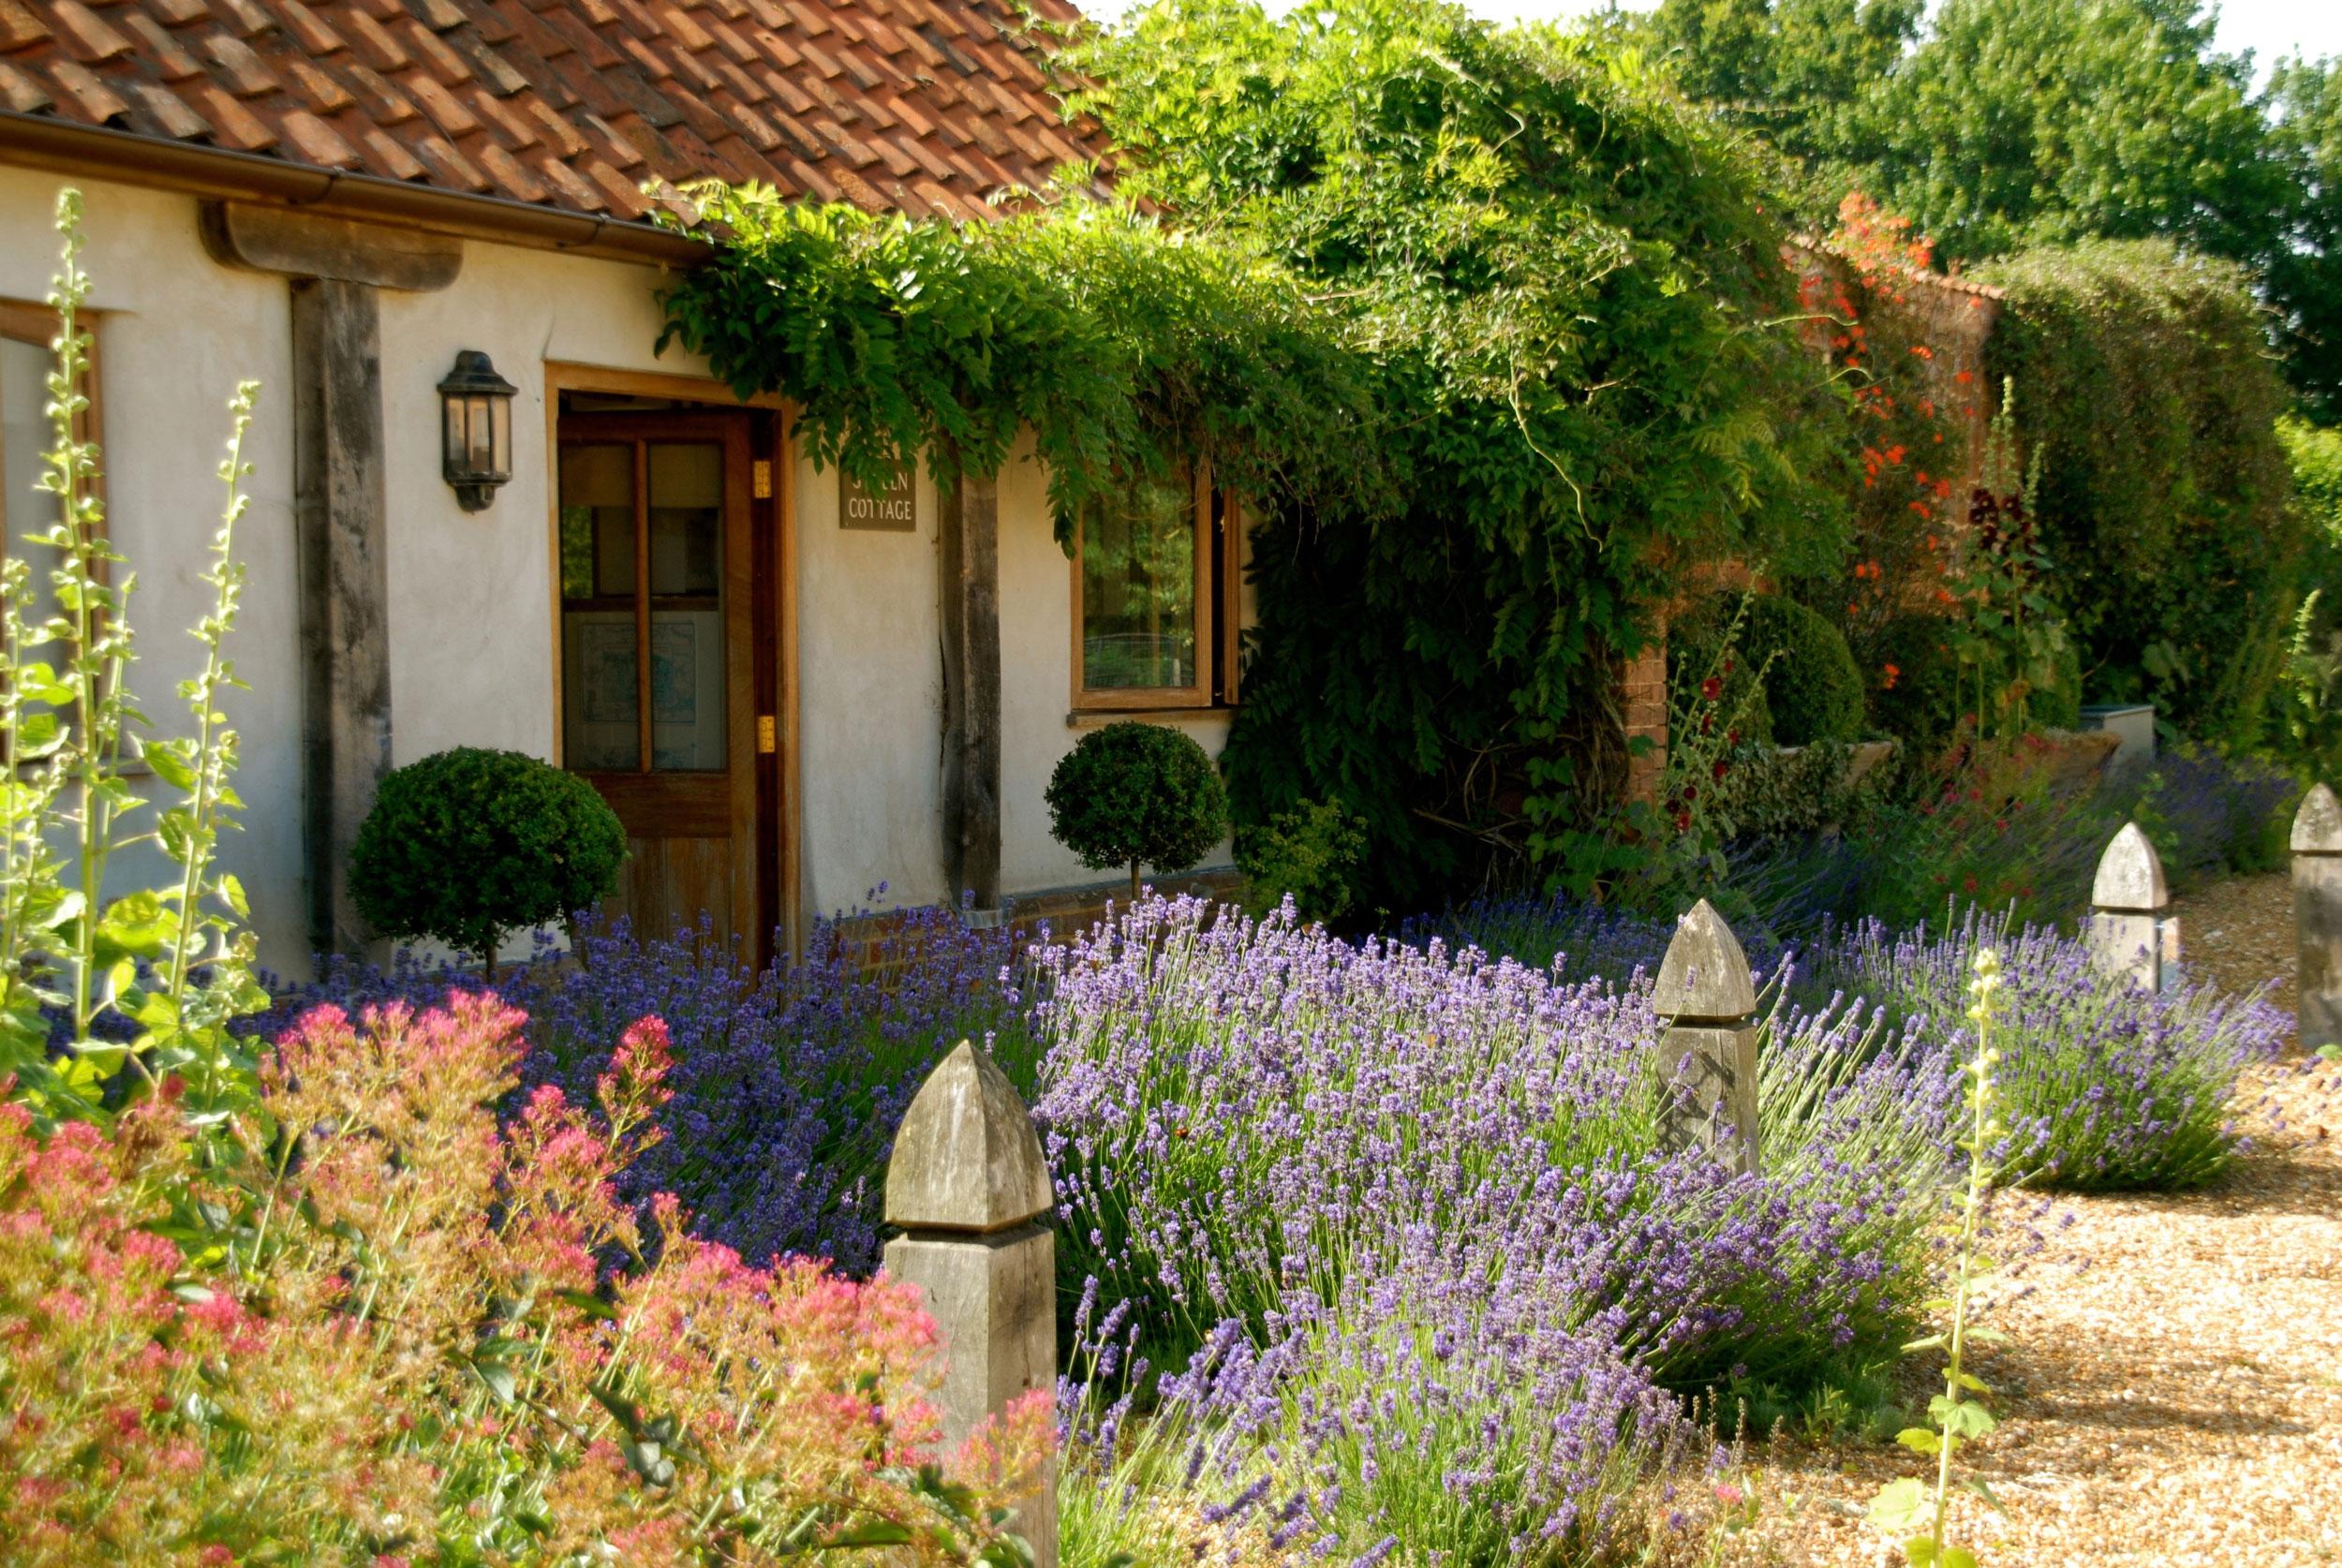 gardencottagemanorhousefarm